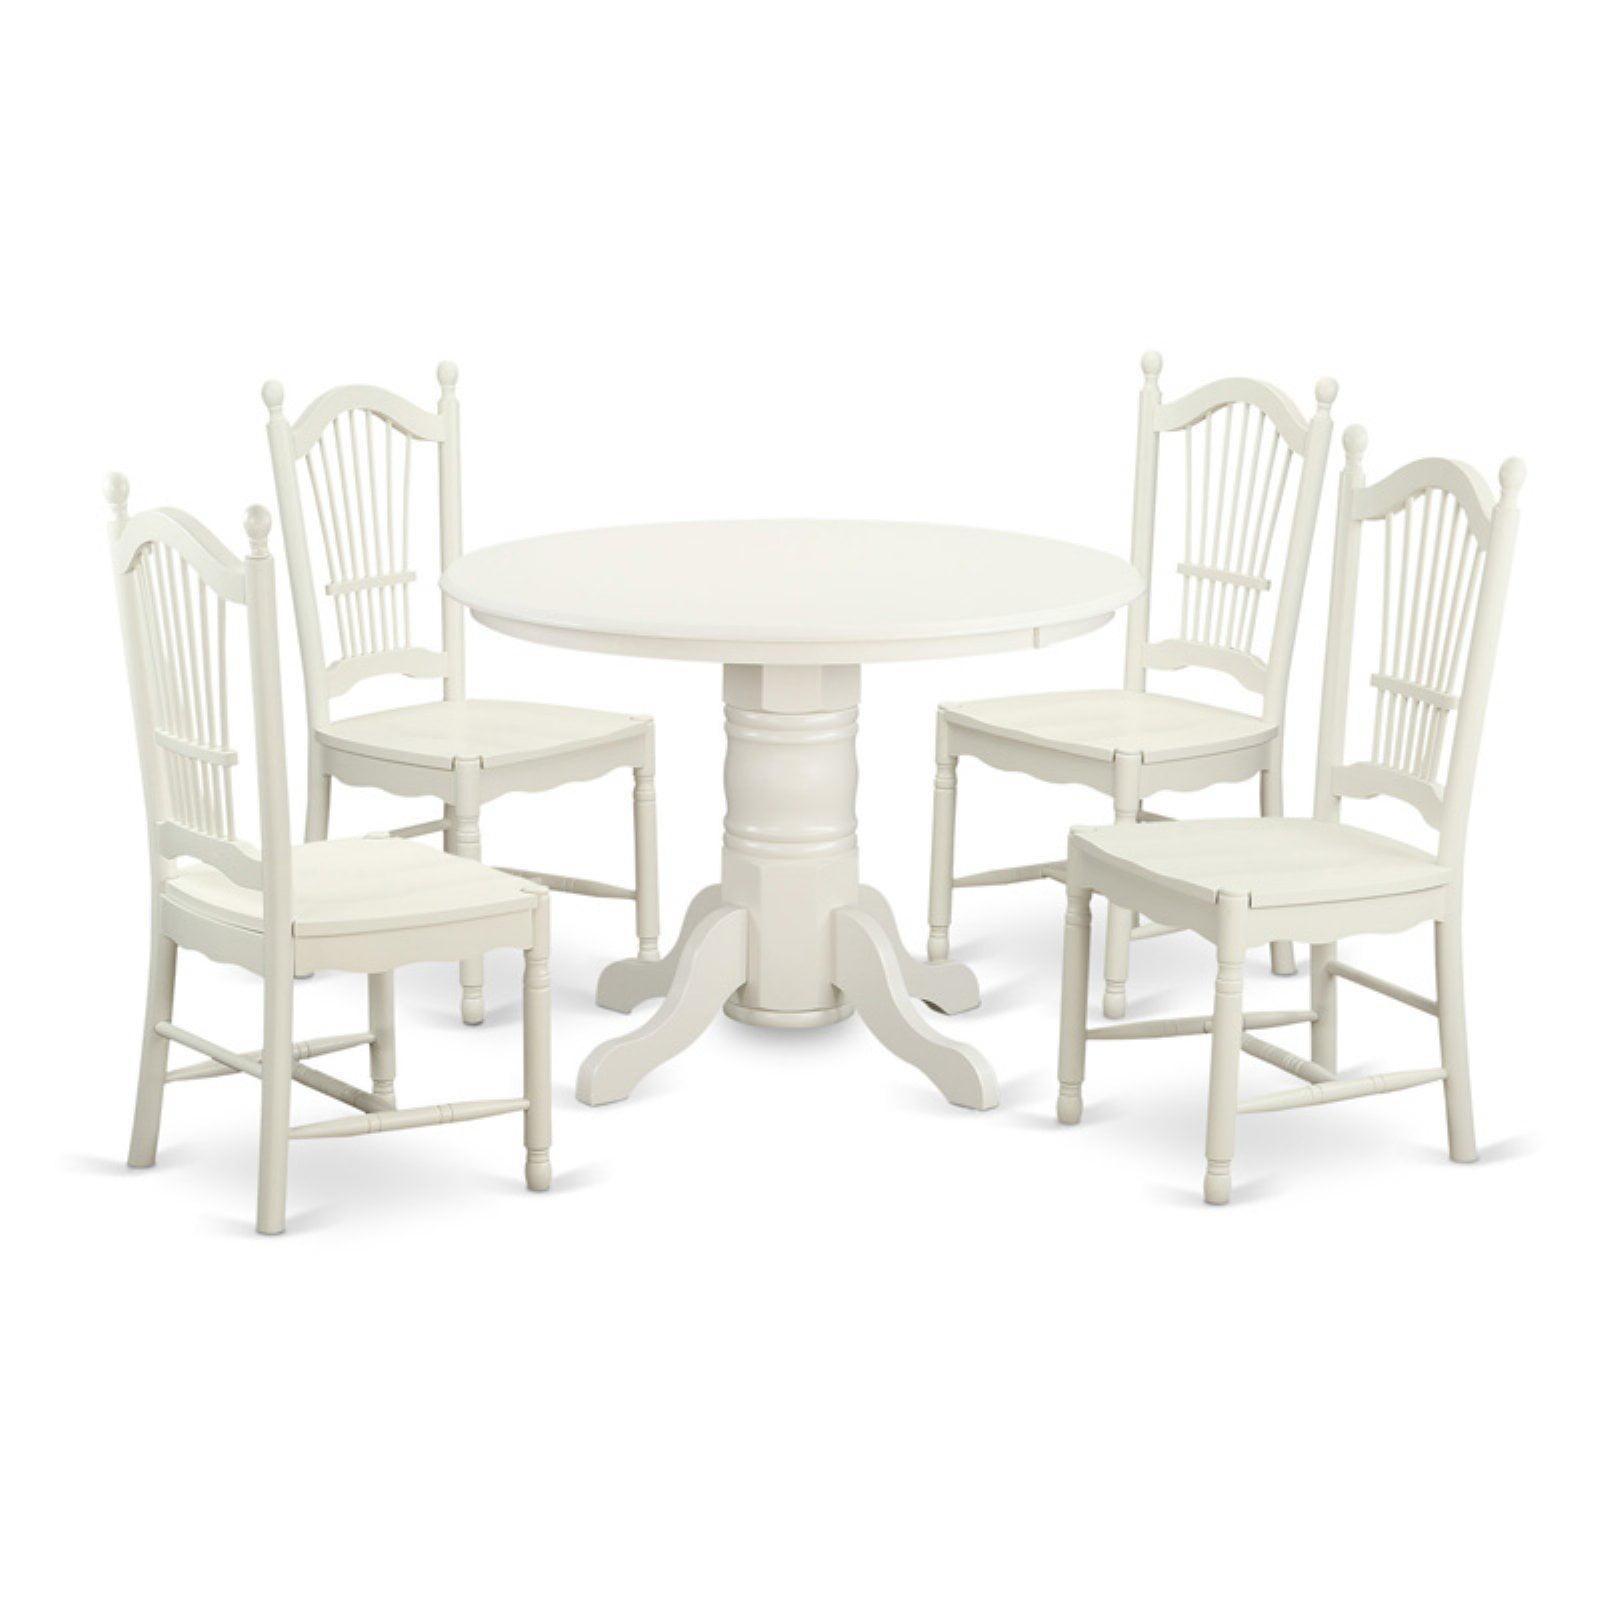 east west furniture shelton 5 piece sheaf dining table set